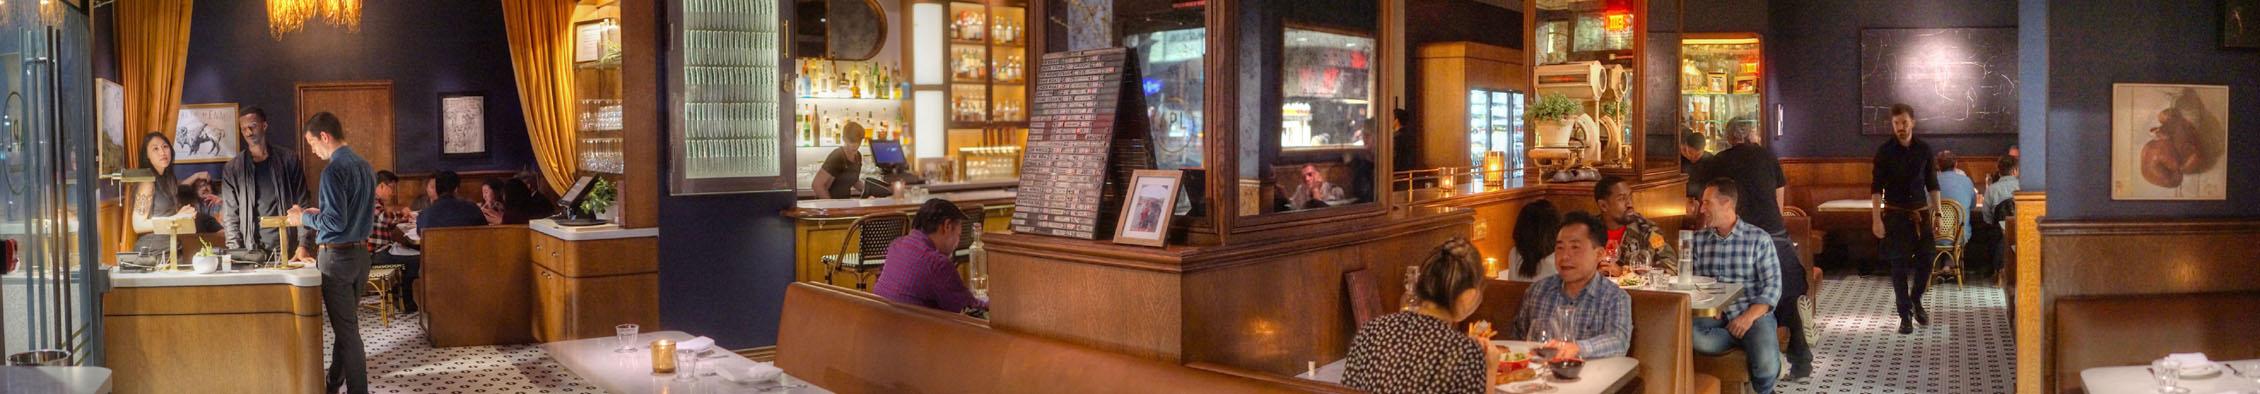 APL Restaurant Interior